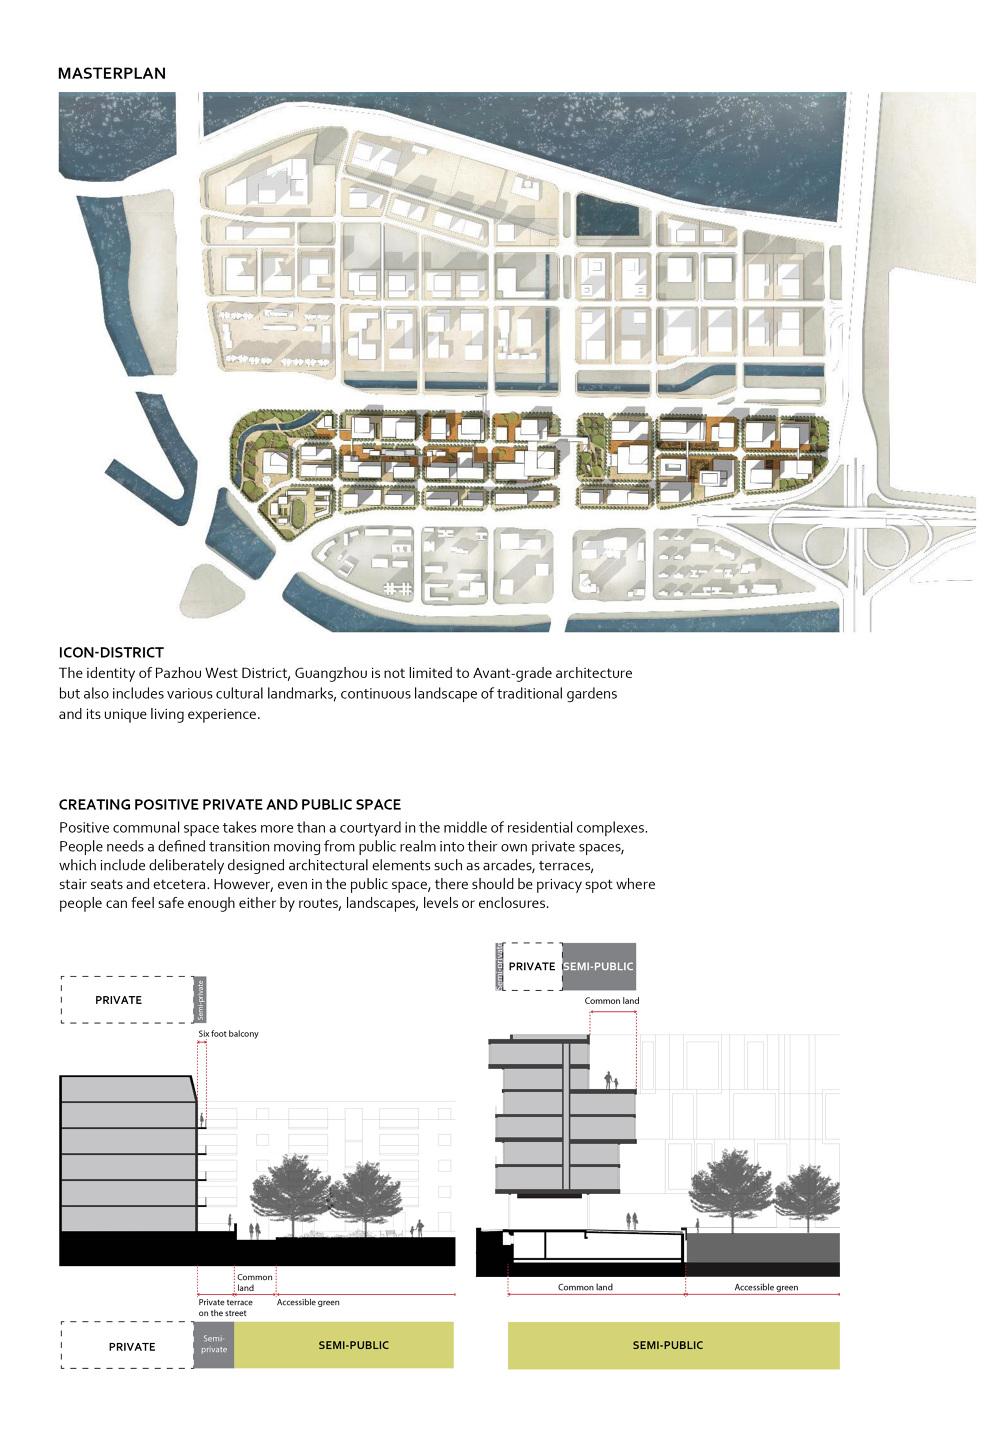 Pazhou West City - Design - INTER-LAB